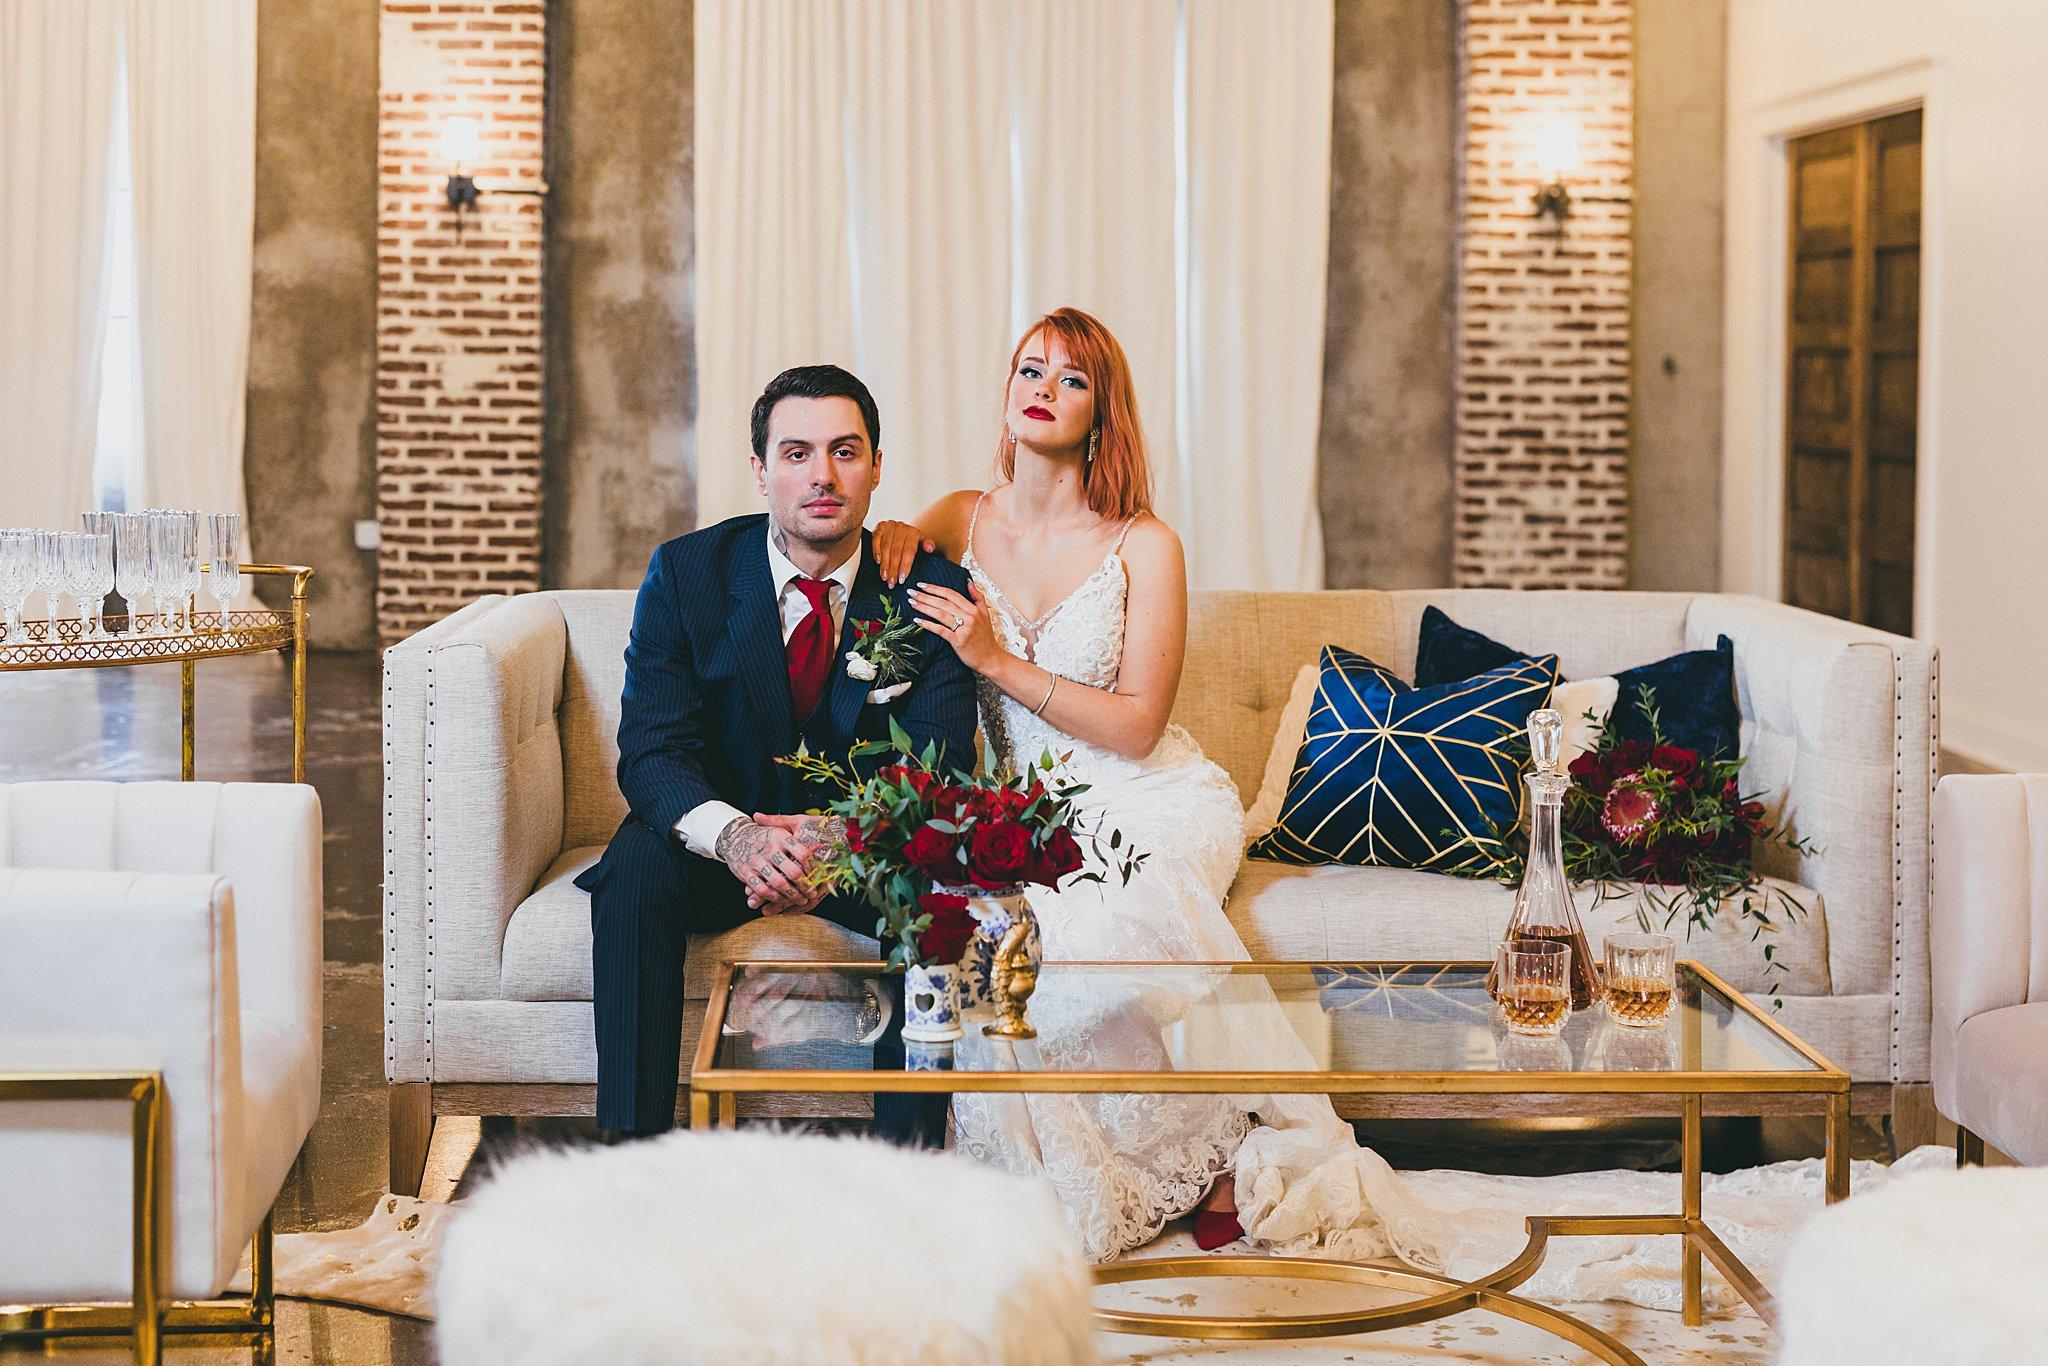 Styled Shoot Hollywood Regency Wedding Inspiration, Atlanta Wedding Photographers